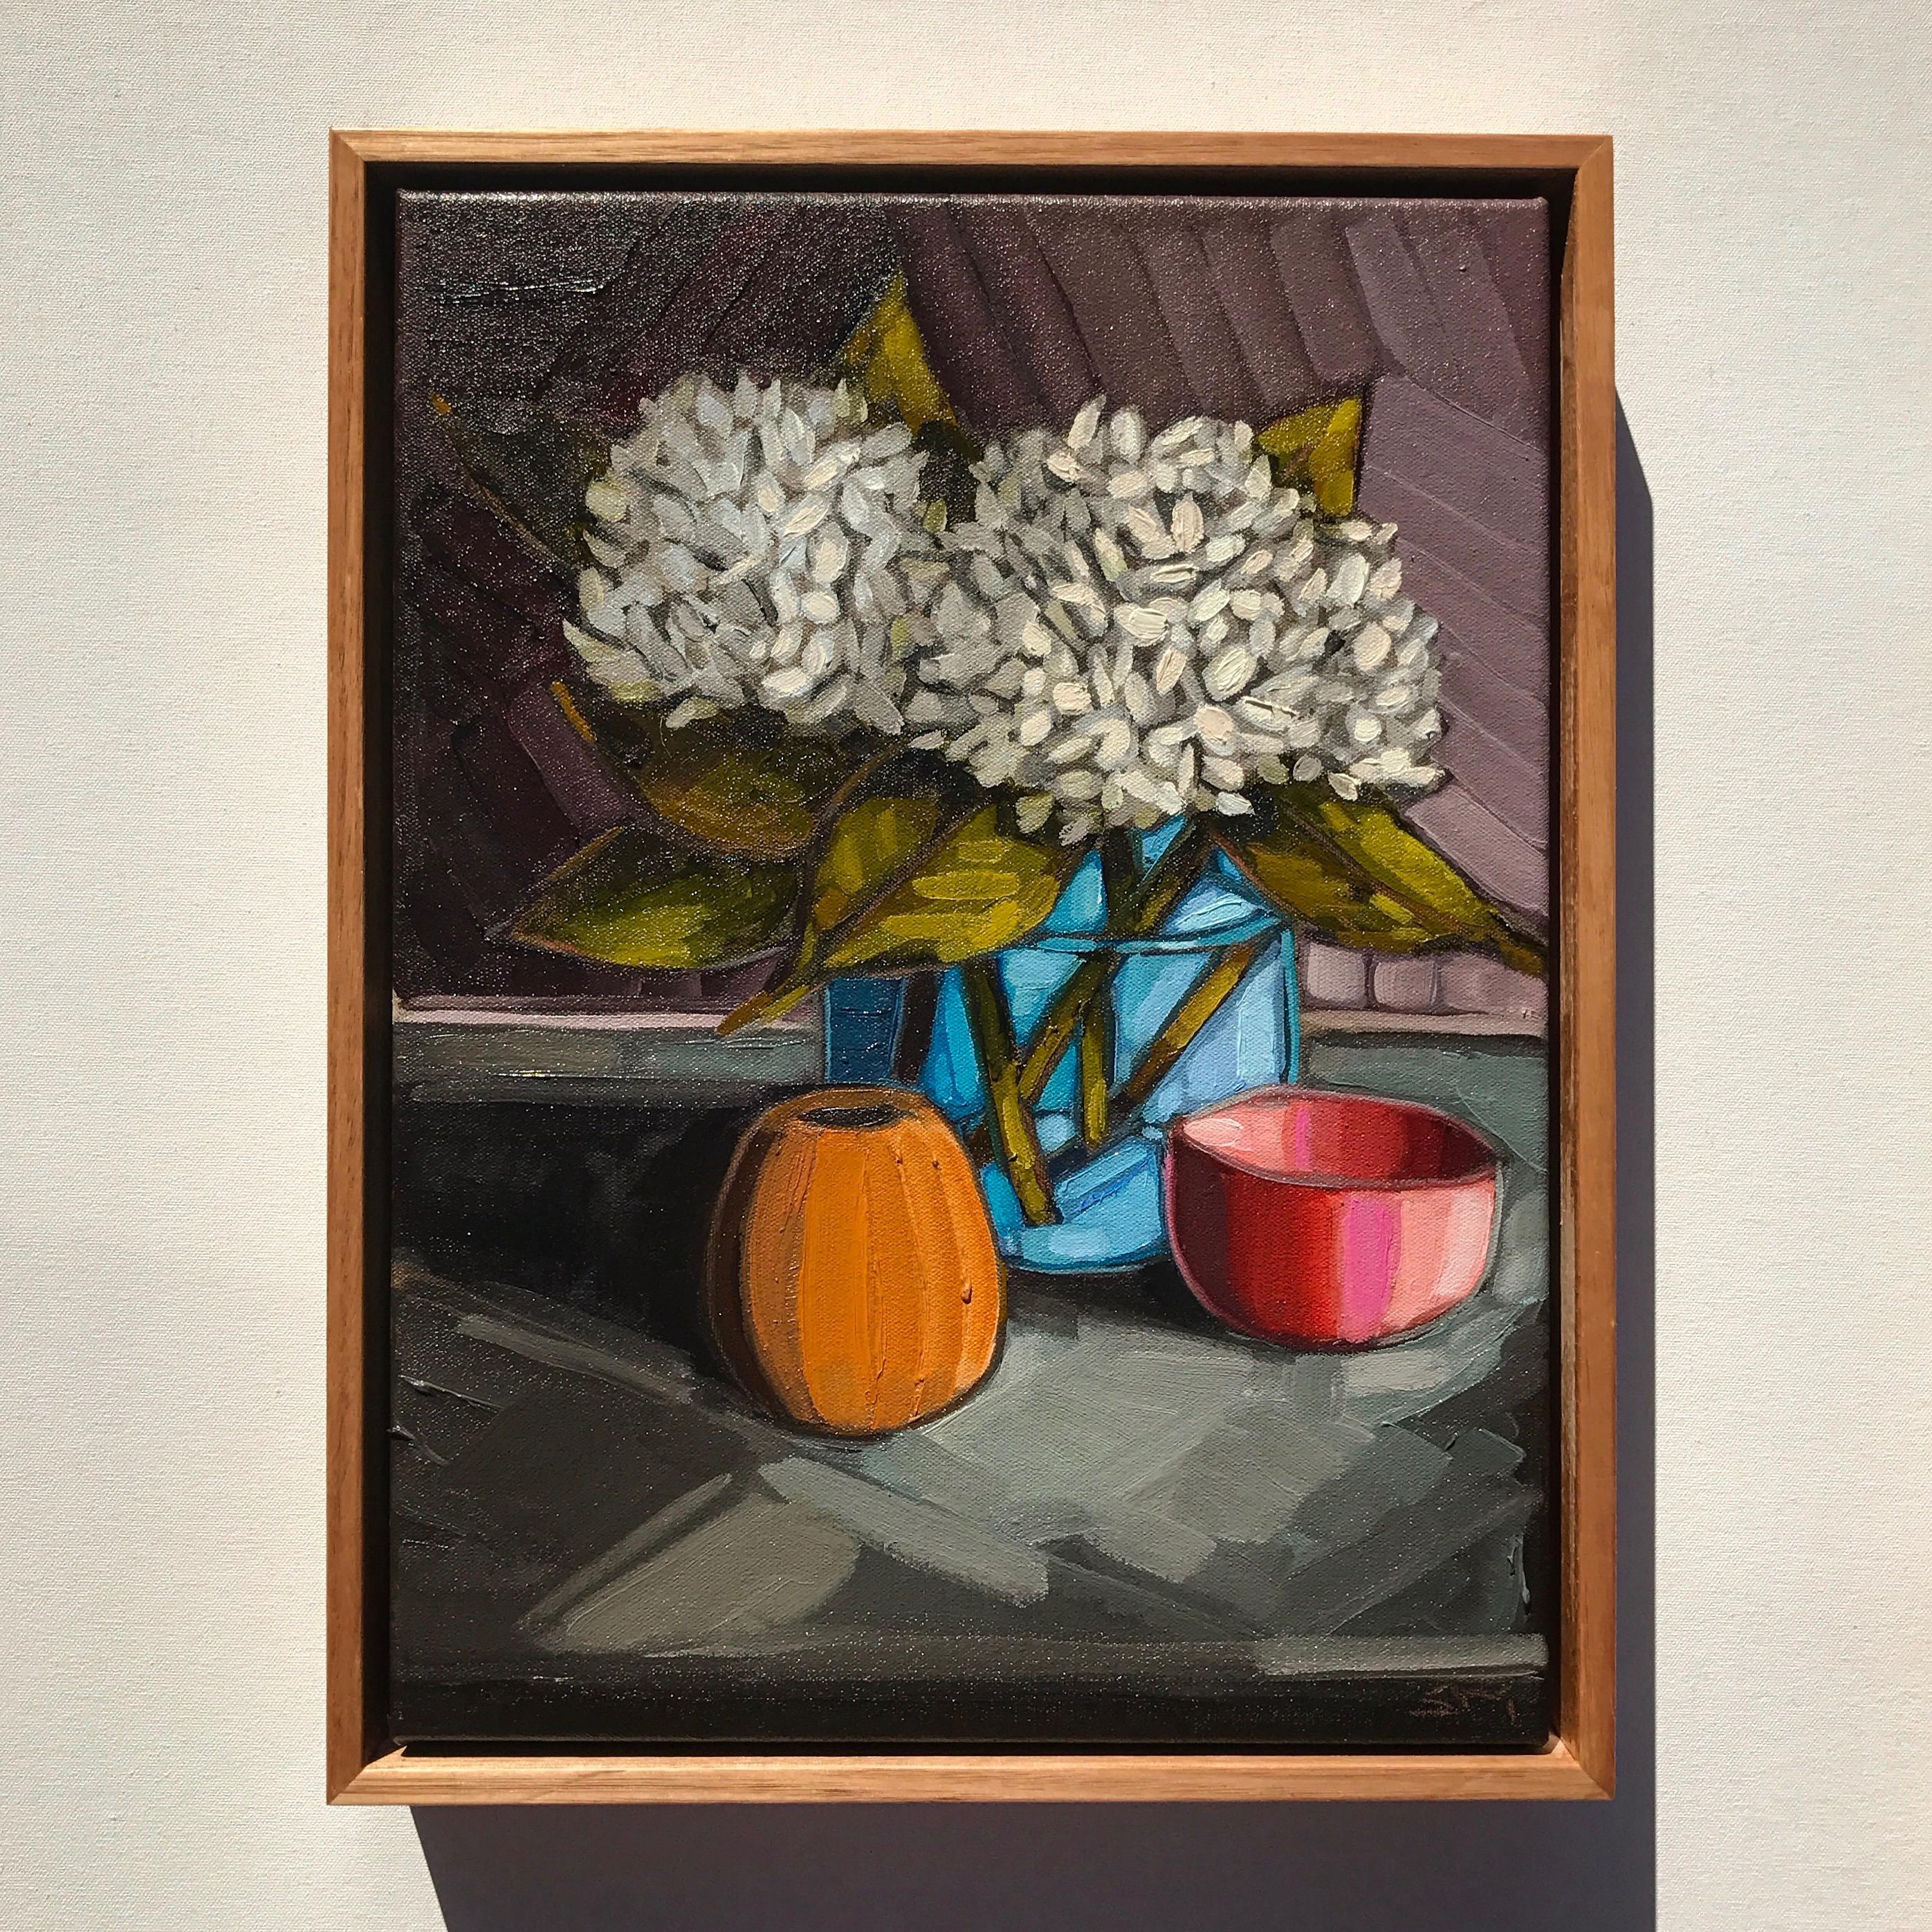 02_17 'Happy Hydrangeas' 33x43cm $695